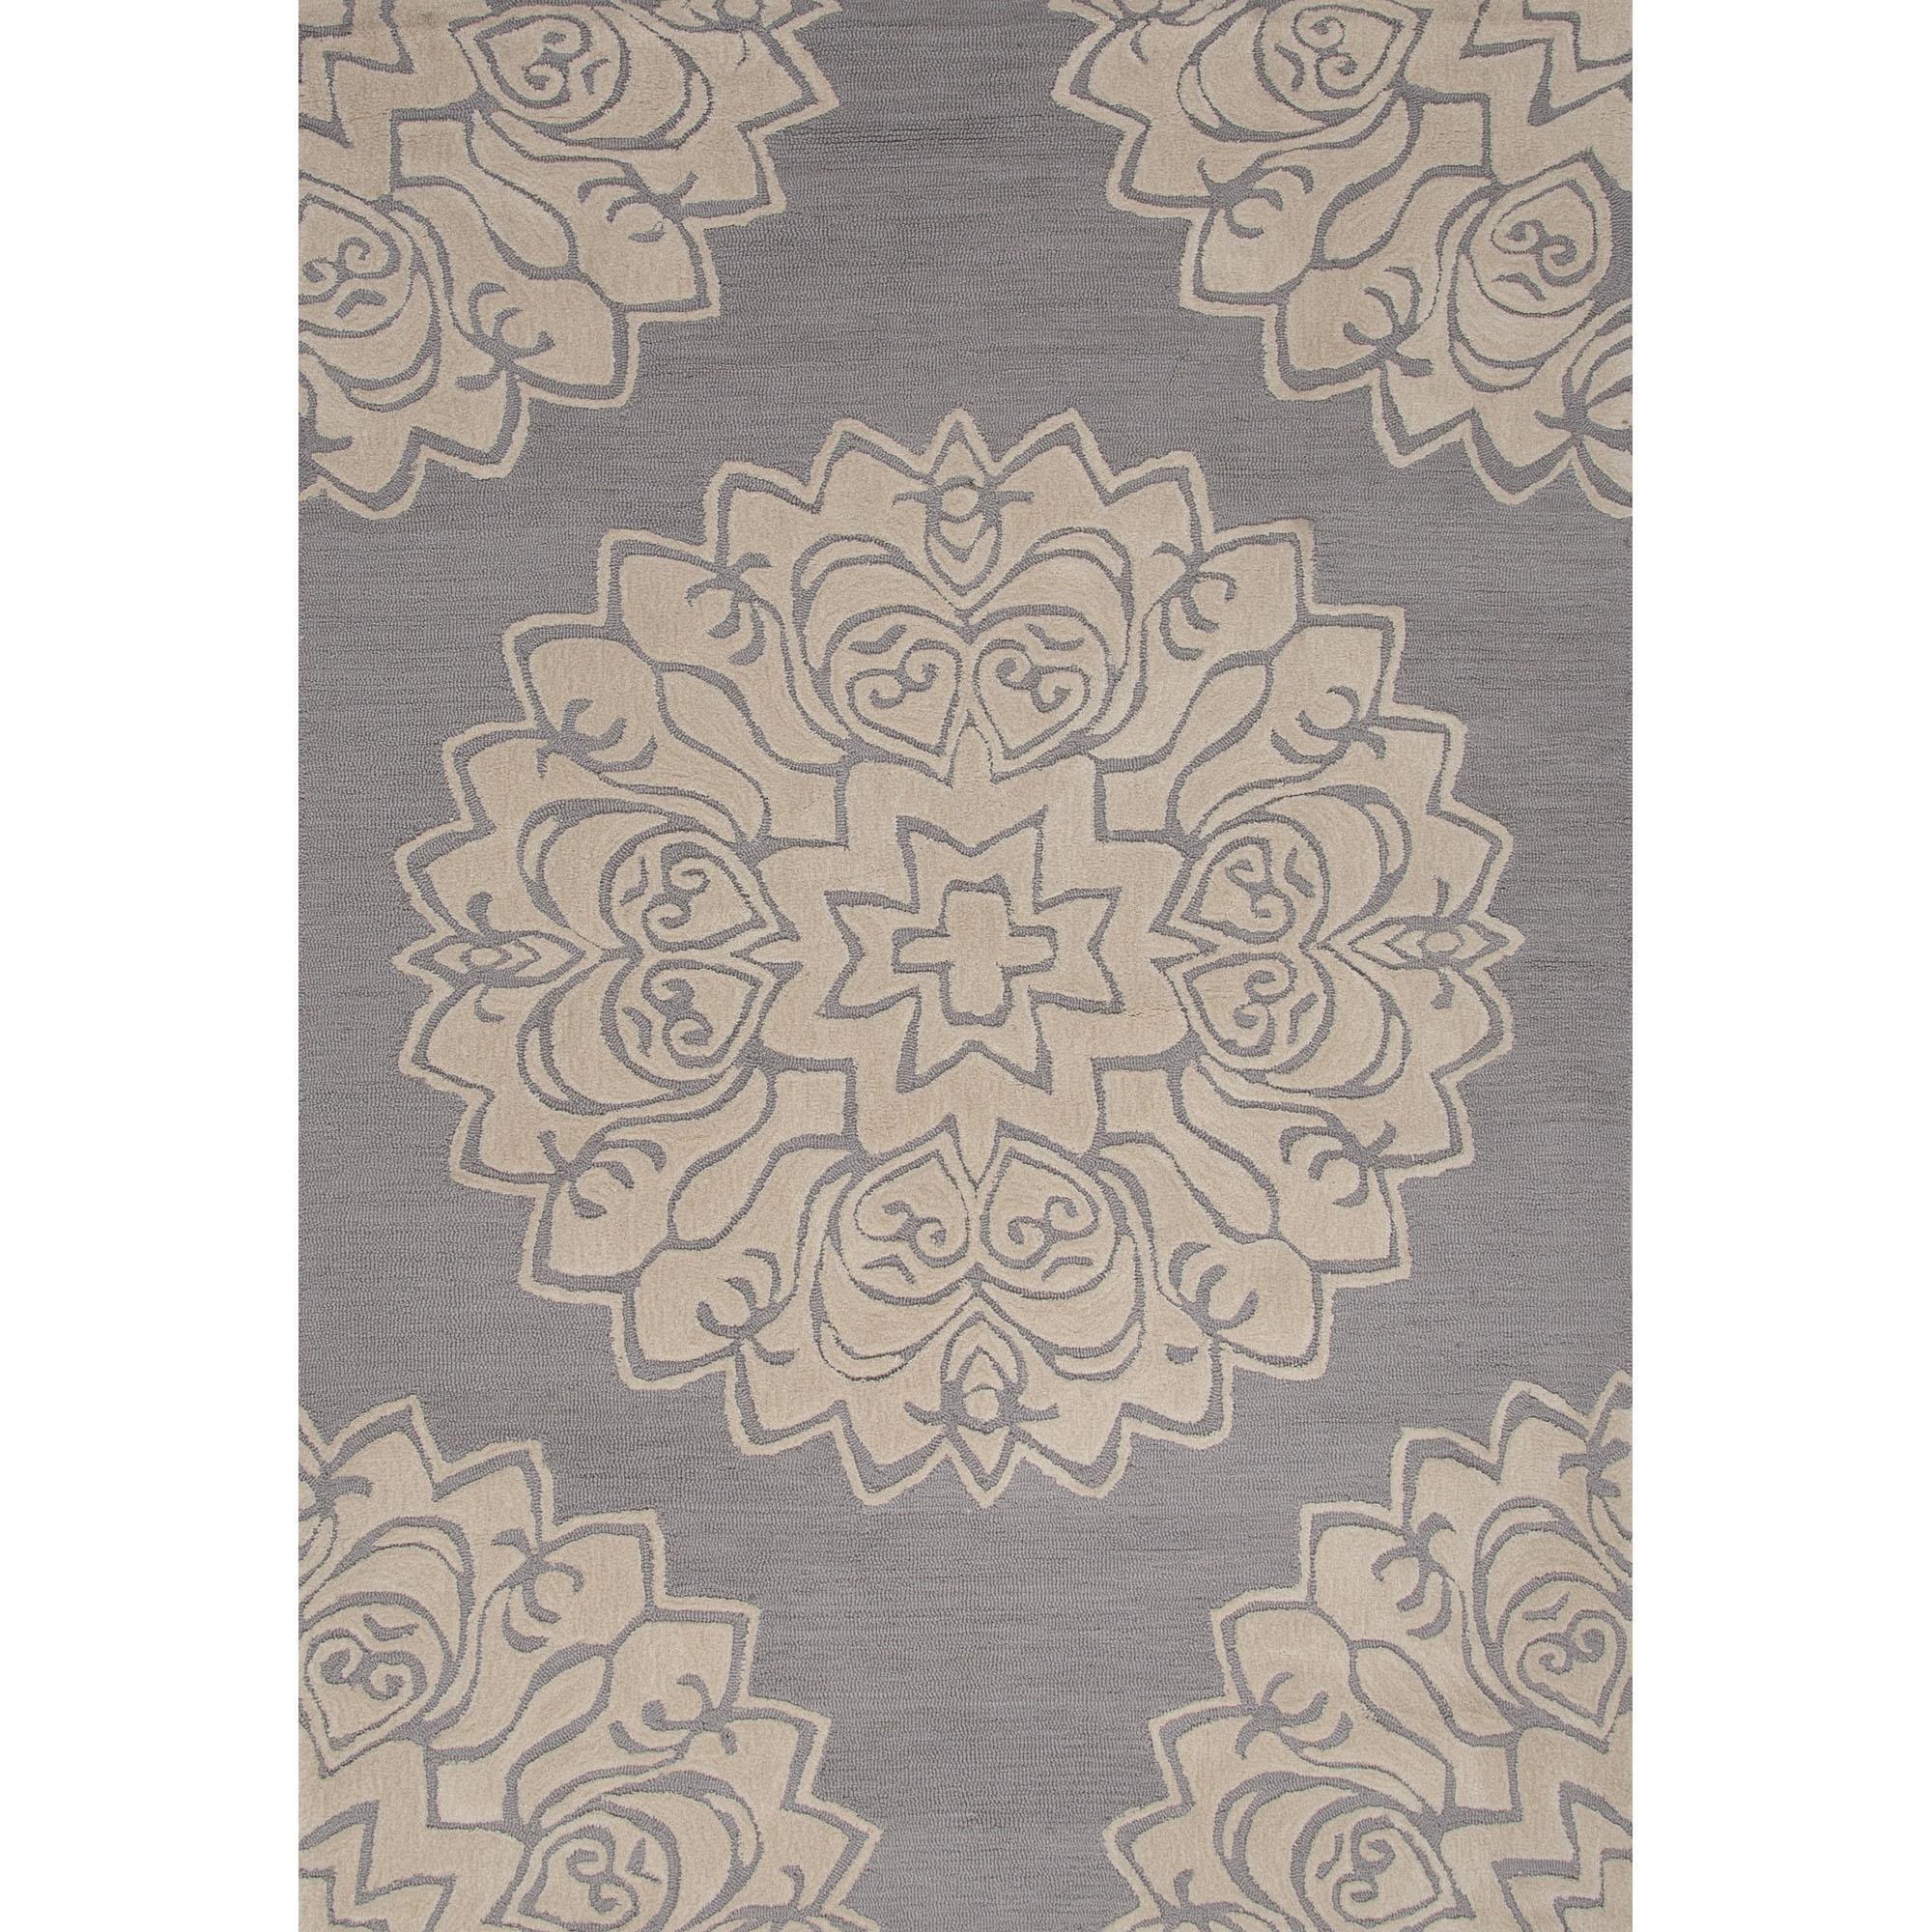 JAIPUR Rugs Devine 5 x 7.6 Rug - Item Number: RUG120629